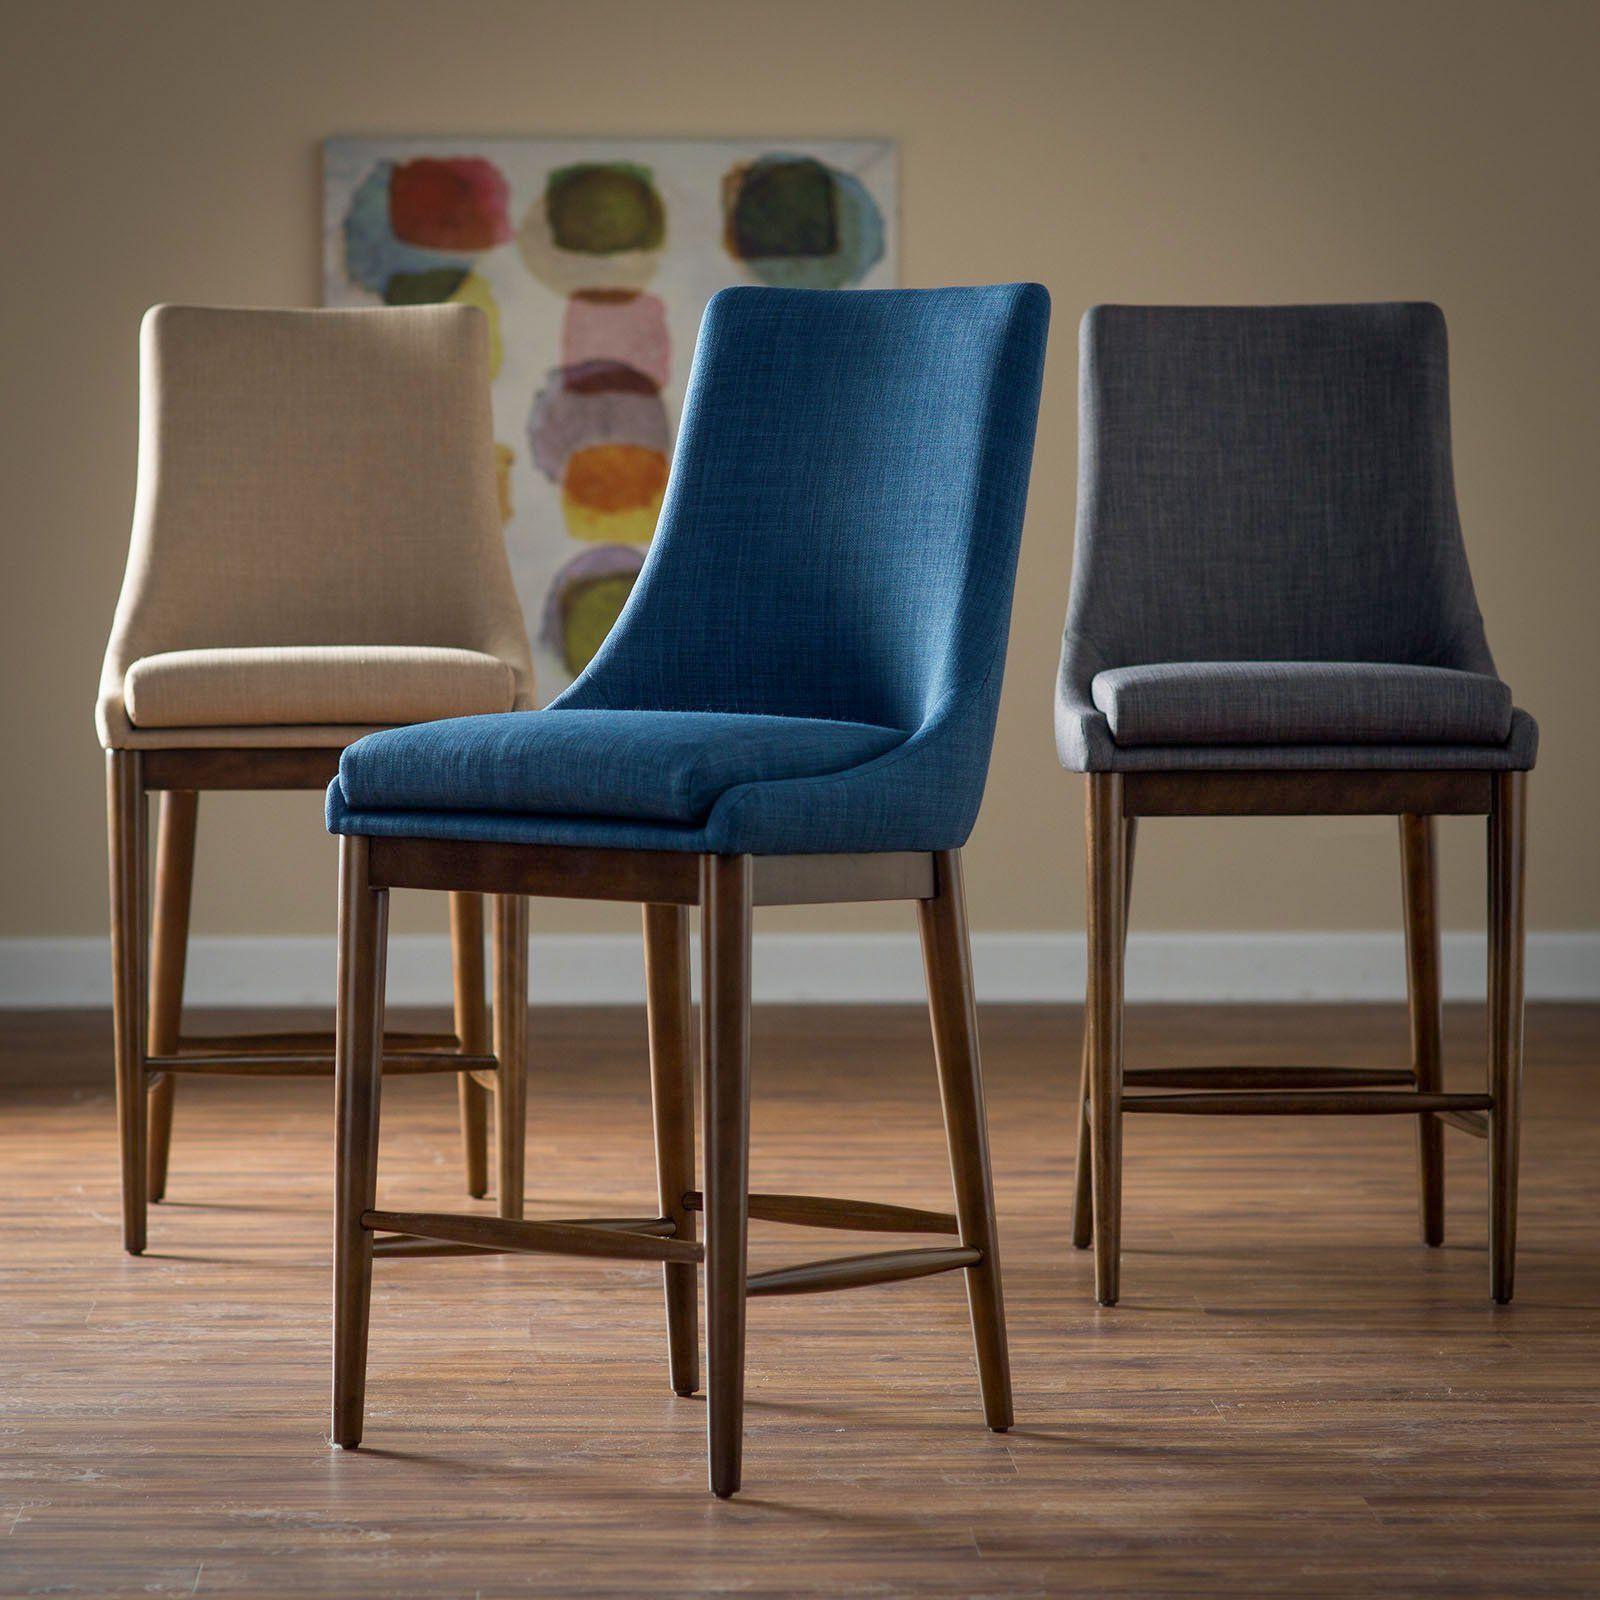 Best Belham Living Carter Mid Century Modern Upholstered 400 x 300